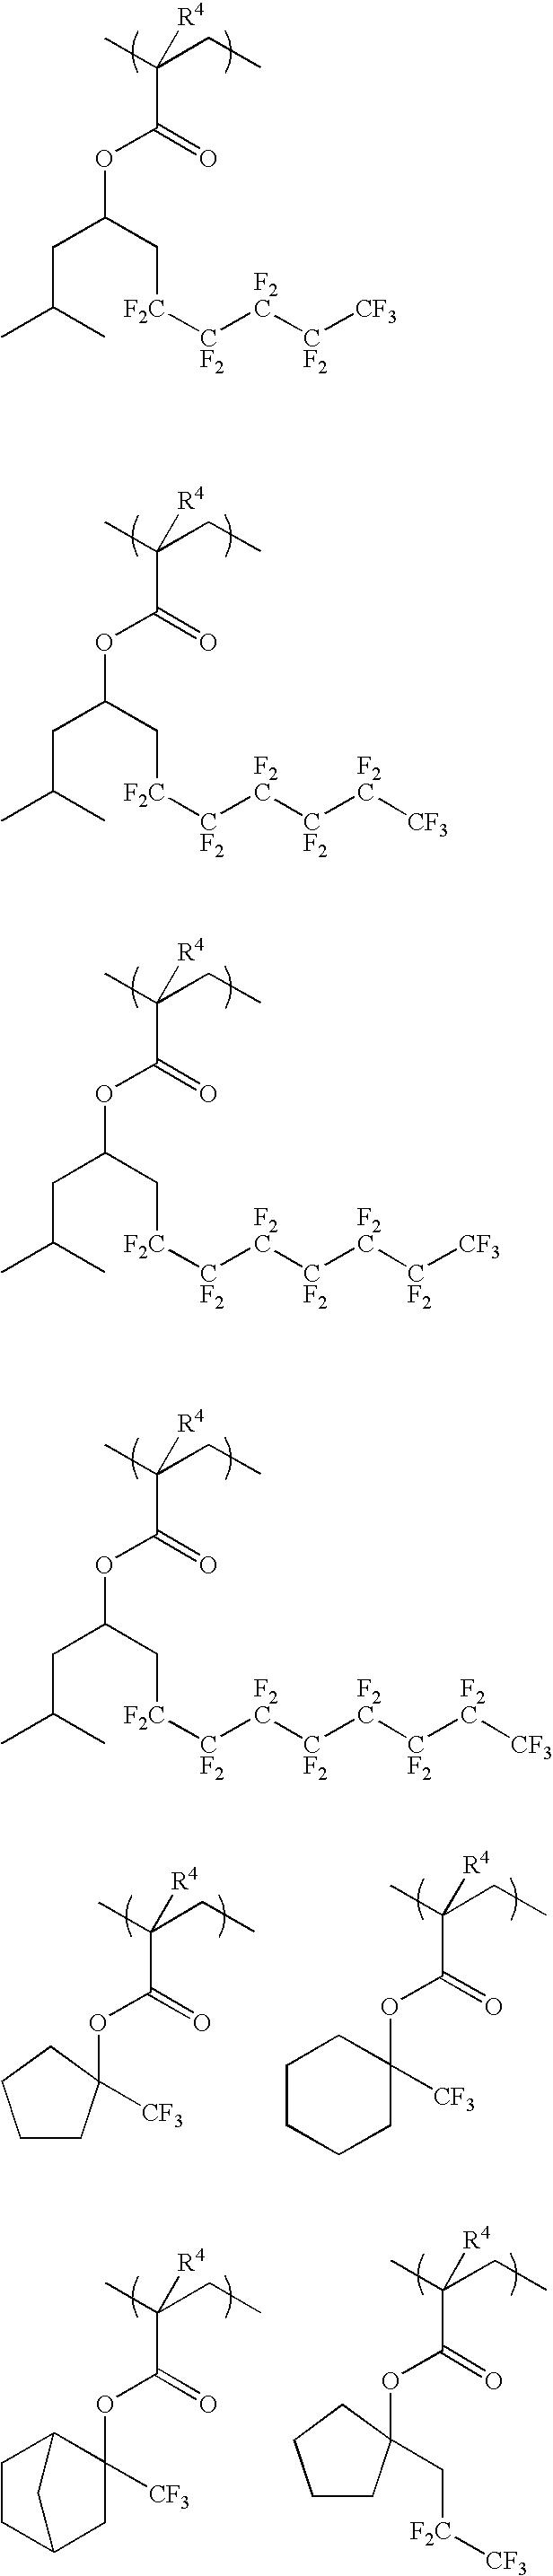 Figure US07771913-20100810-C00017